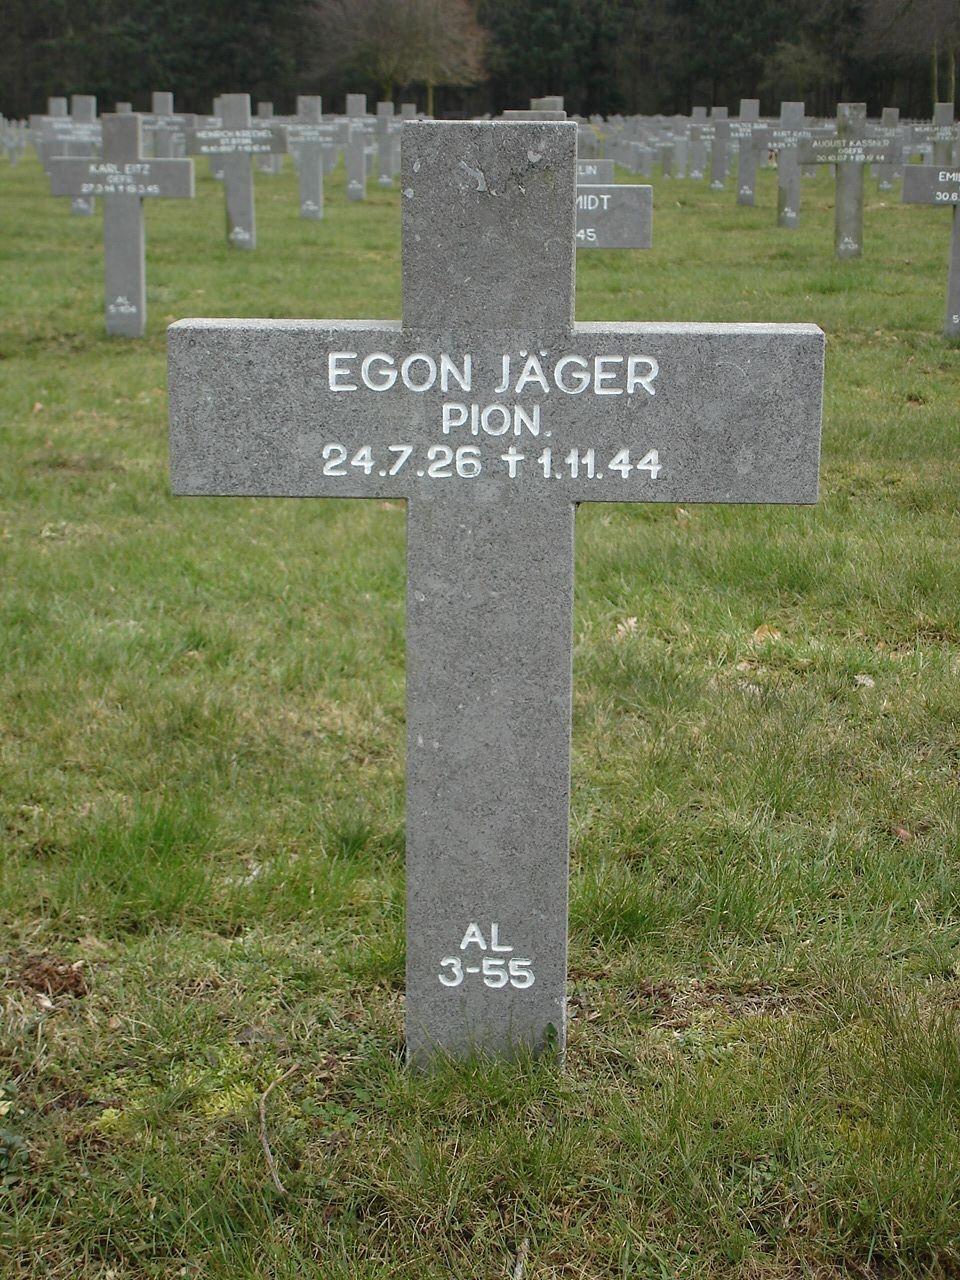 Egon Jäger